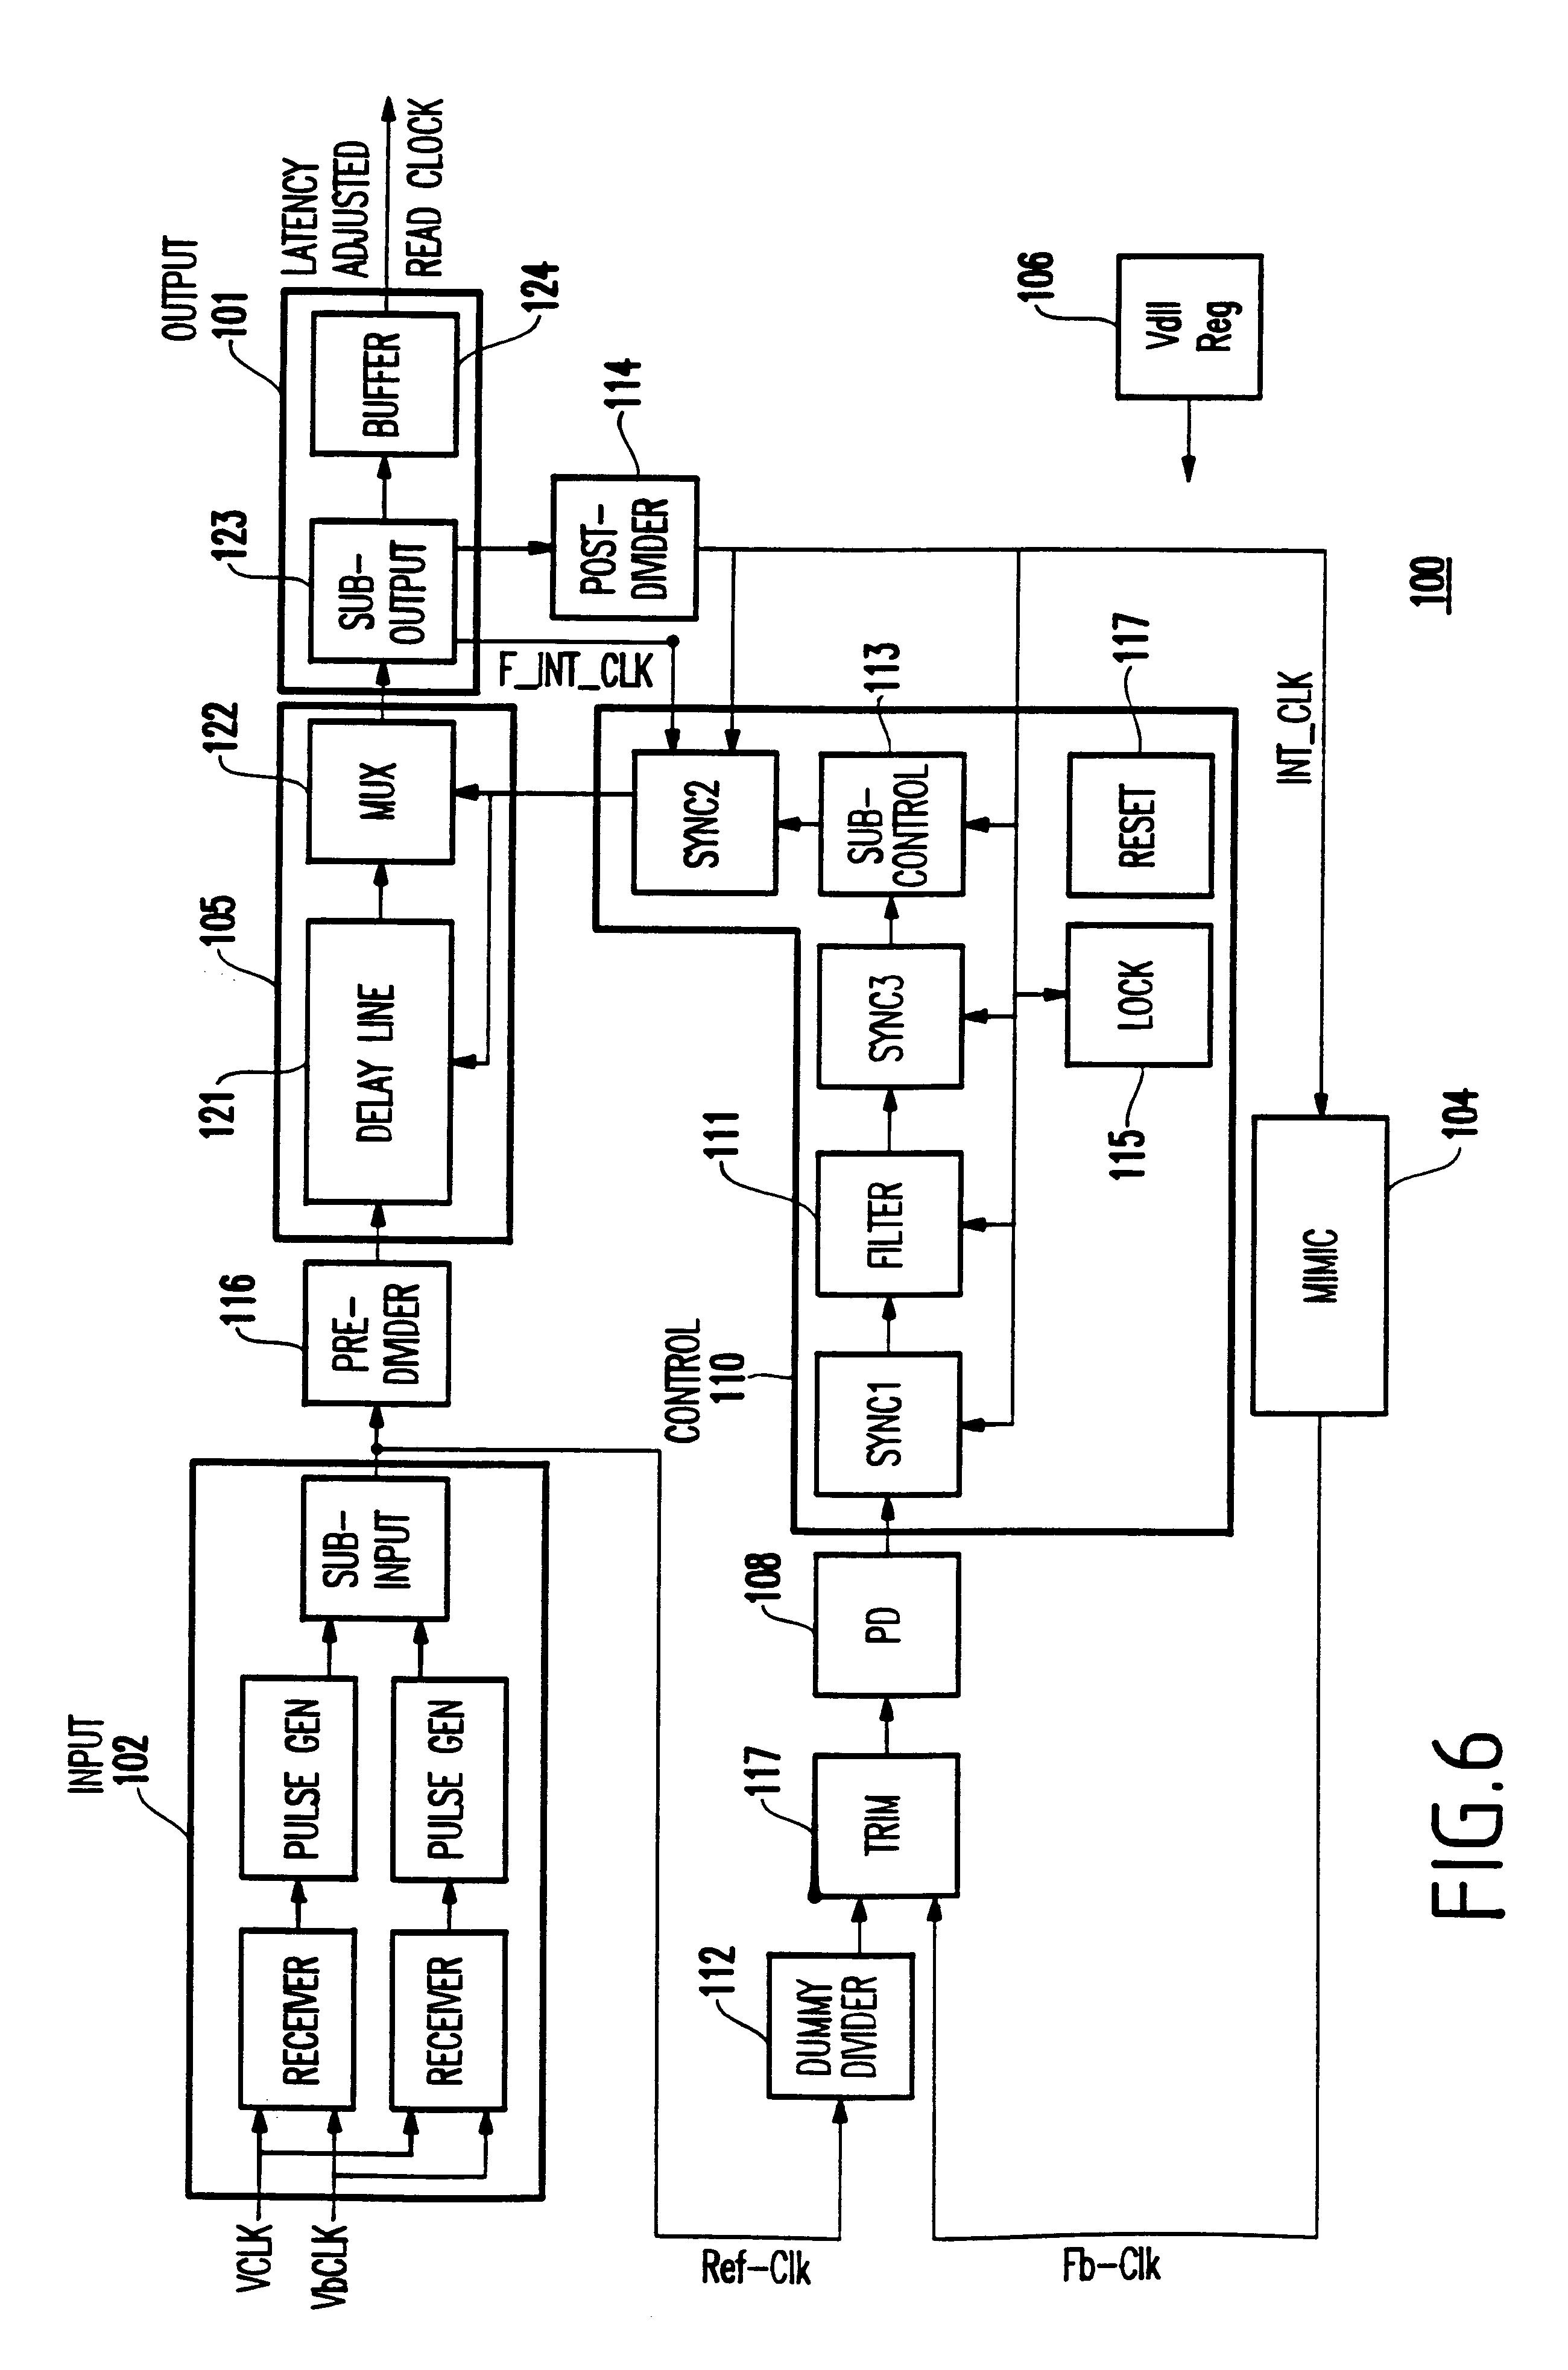 patent us6492852